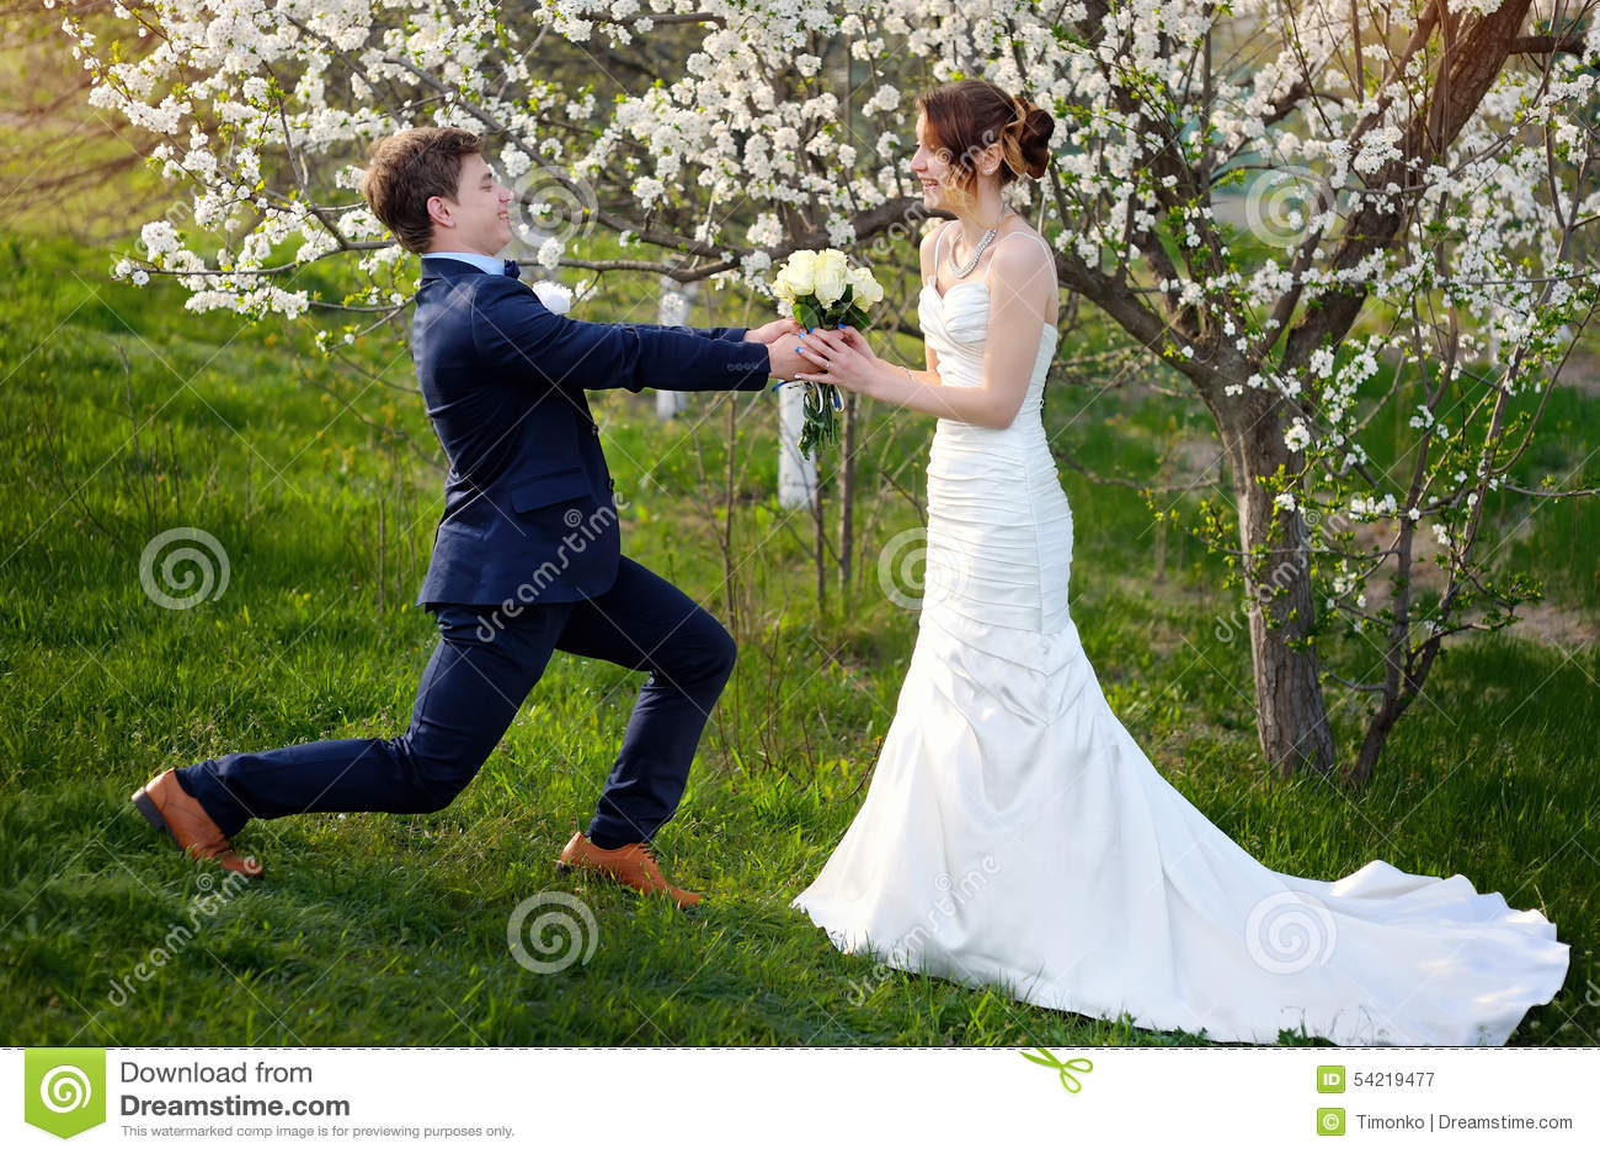 toilettez la position sur un genou et donnez jeune mari e un bouquet de mariage image stock. Black Bedroom Furniture Sets. Home Design Ideas